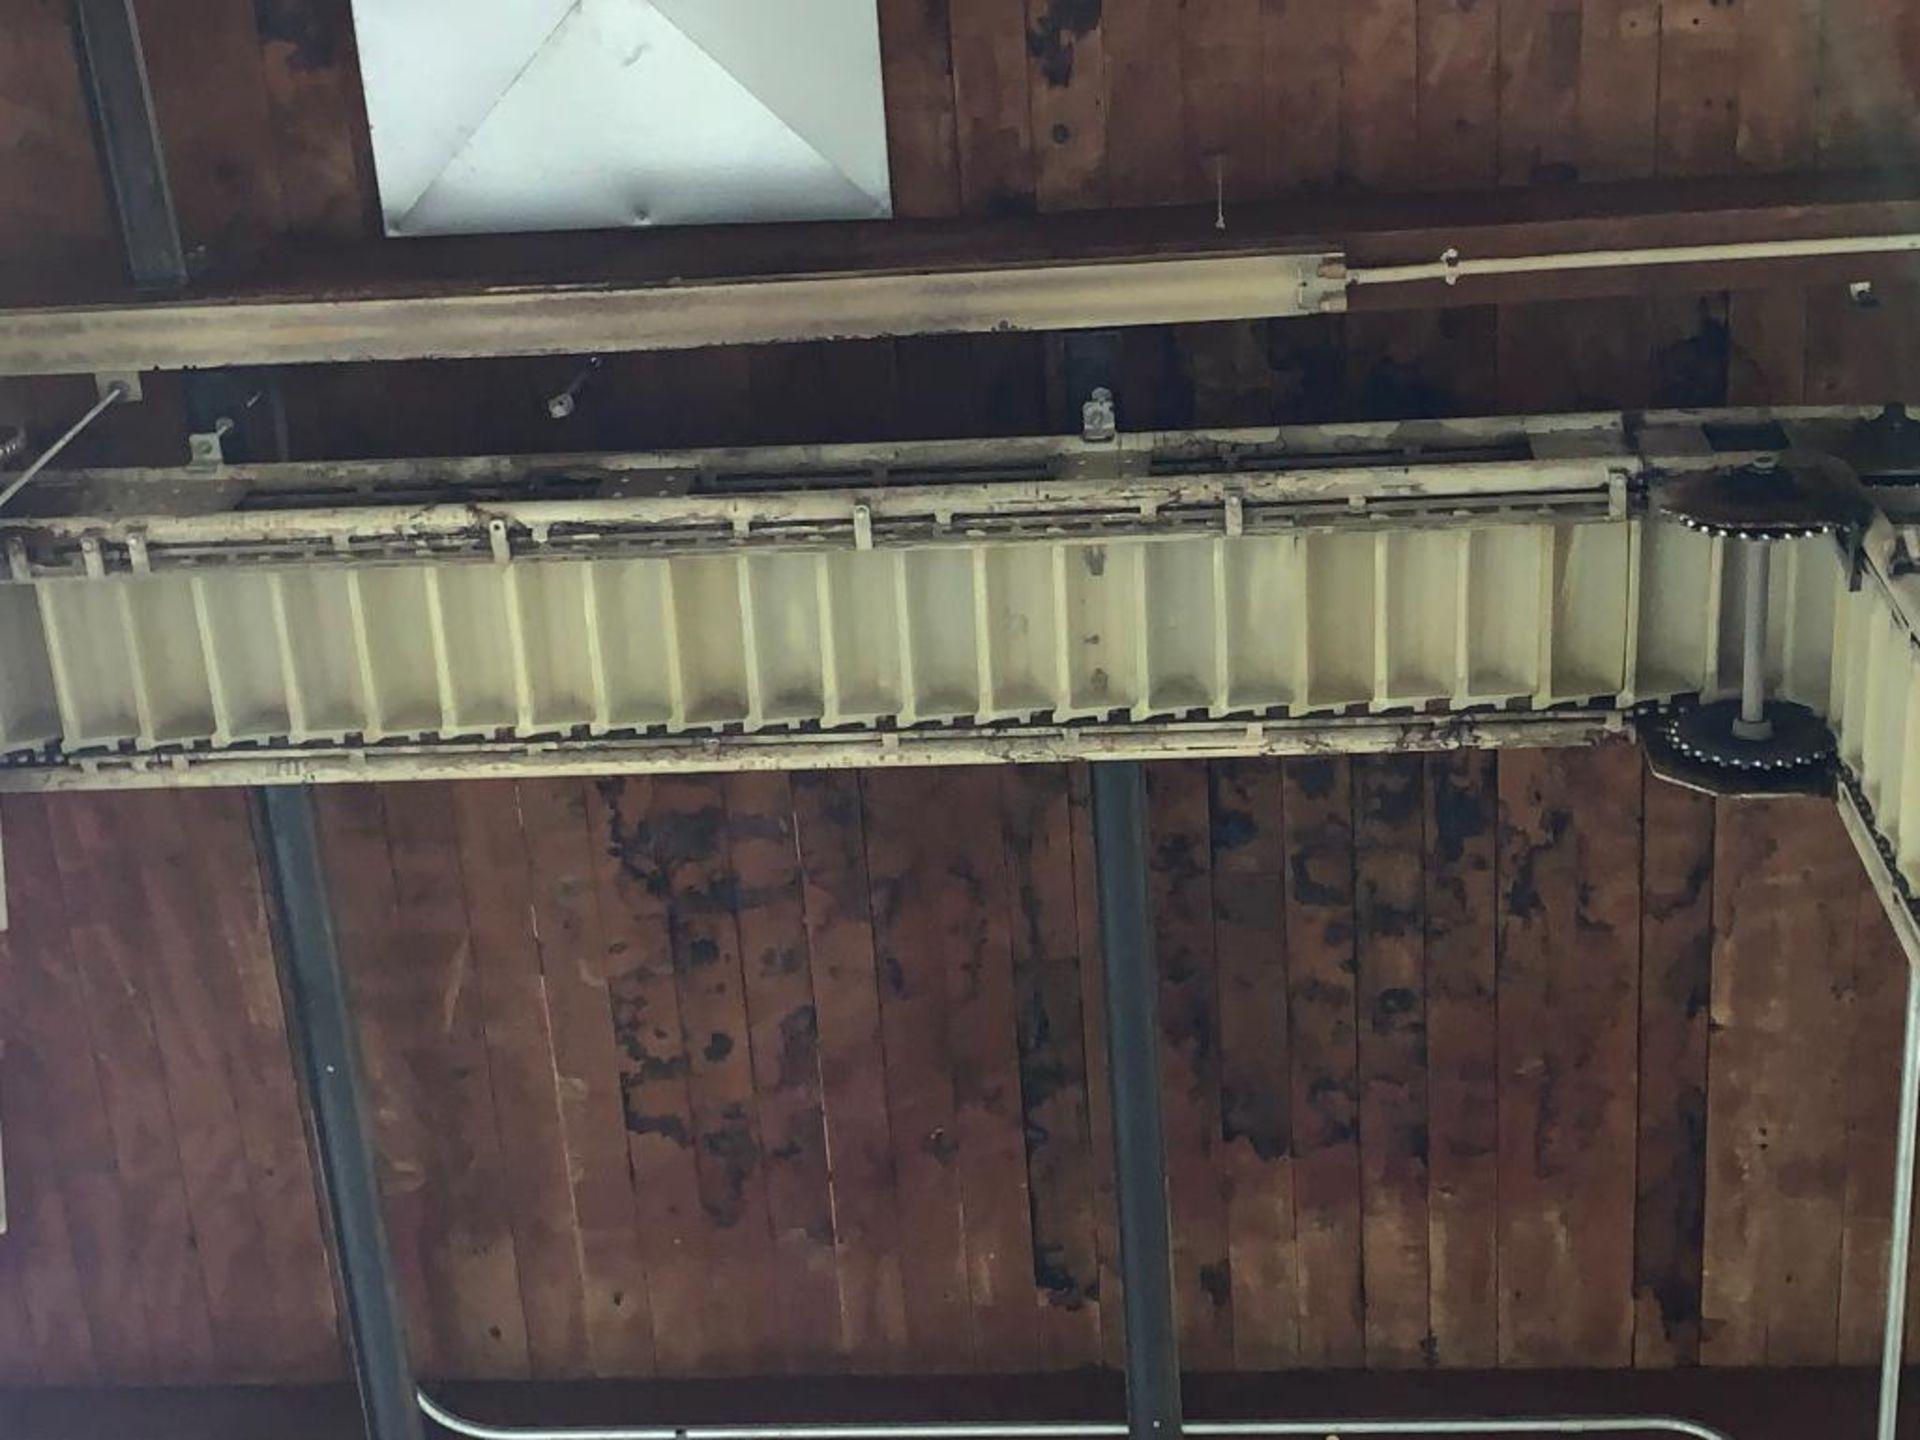 Aseeco overlapping bucket elevator - Image 8 of 11